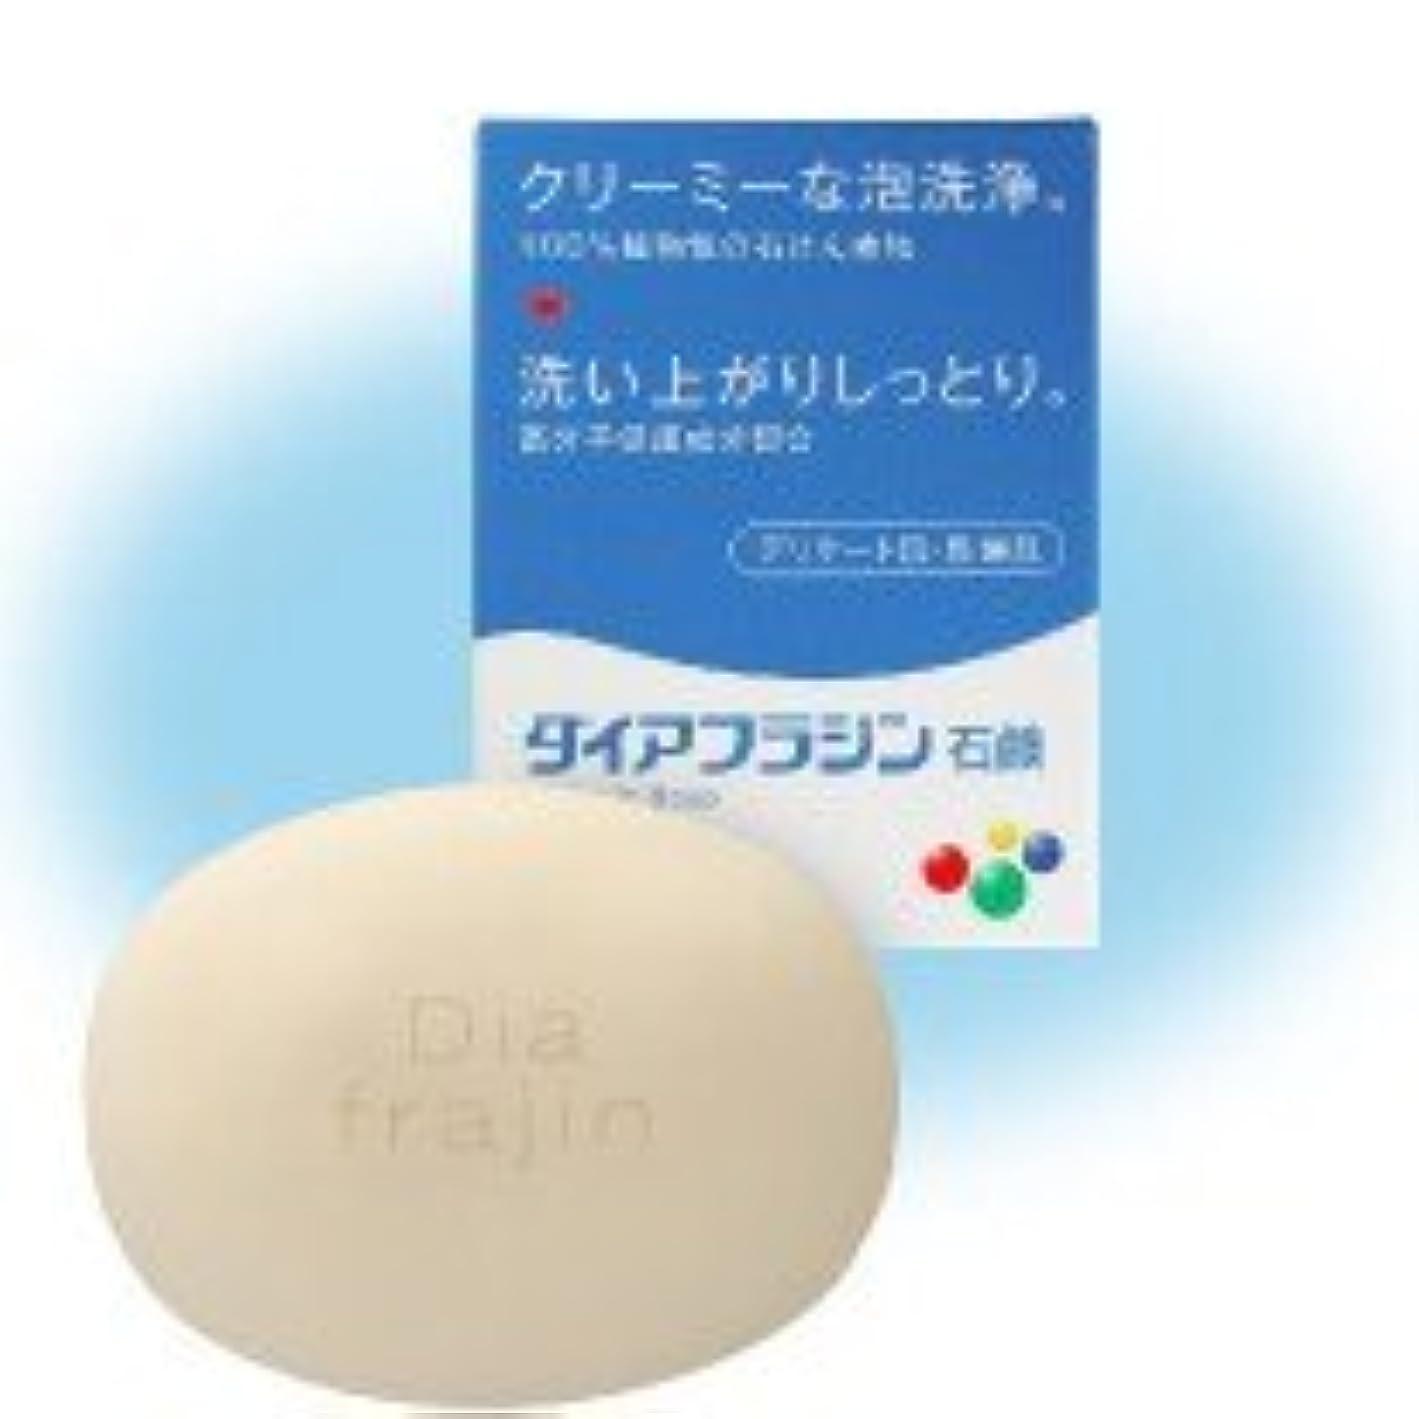 ムスタチオ有限スクレーパーダイアフラジン石鹸 75g×(6セット)